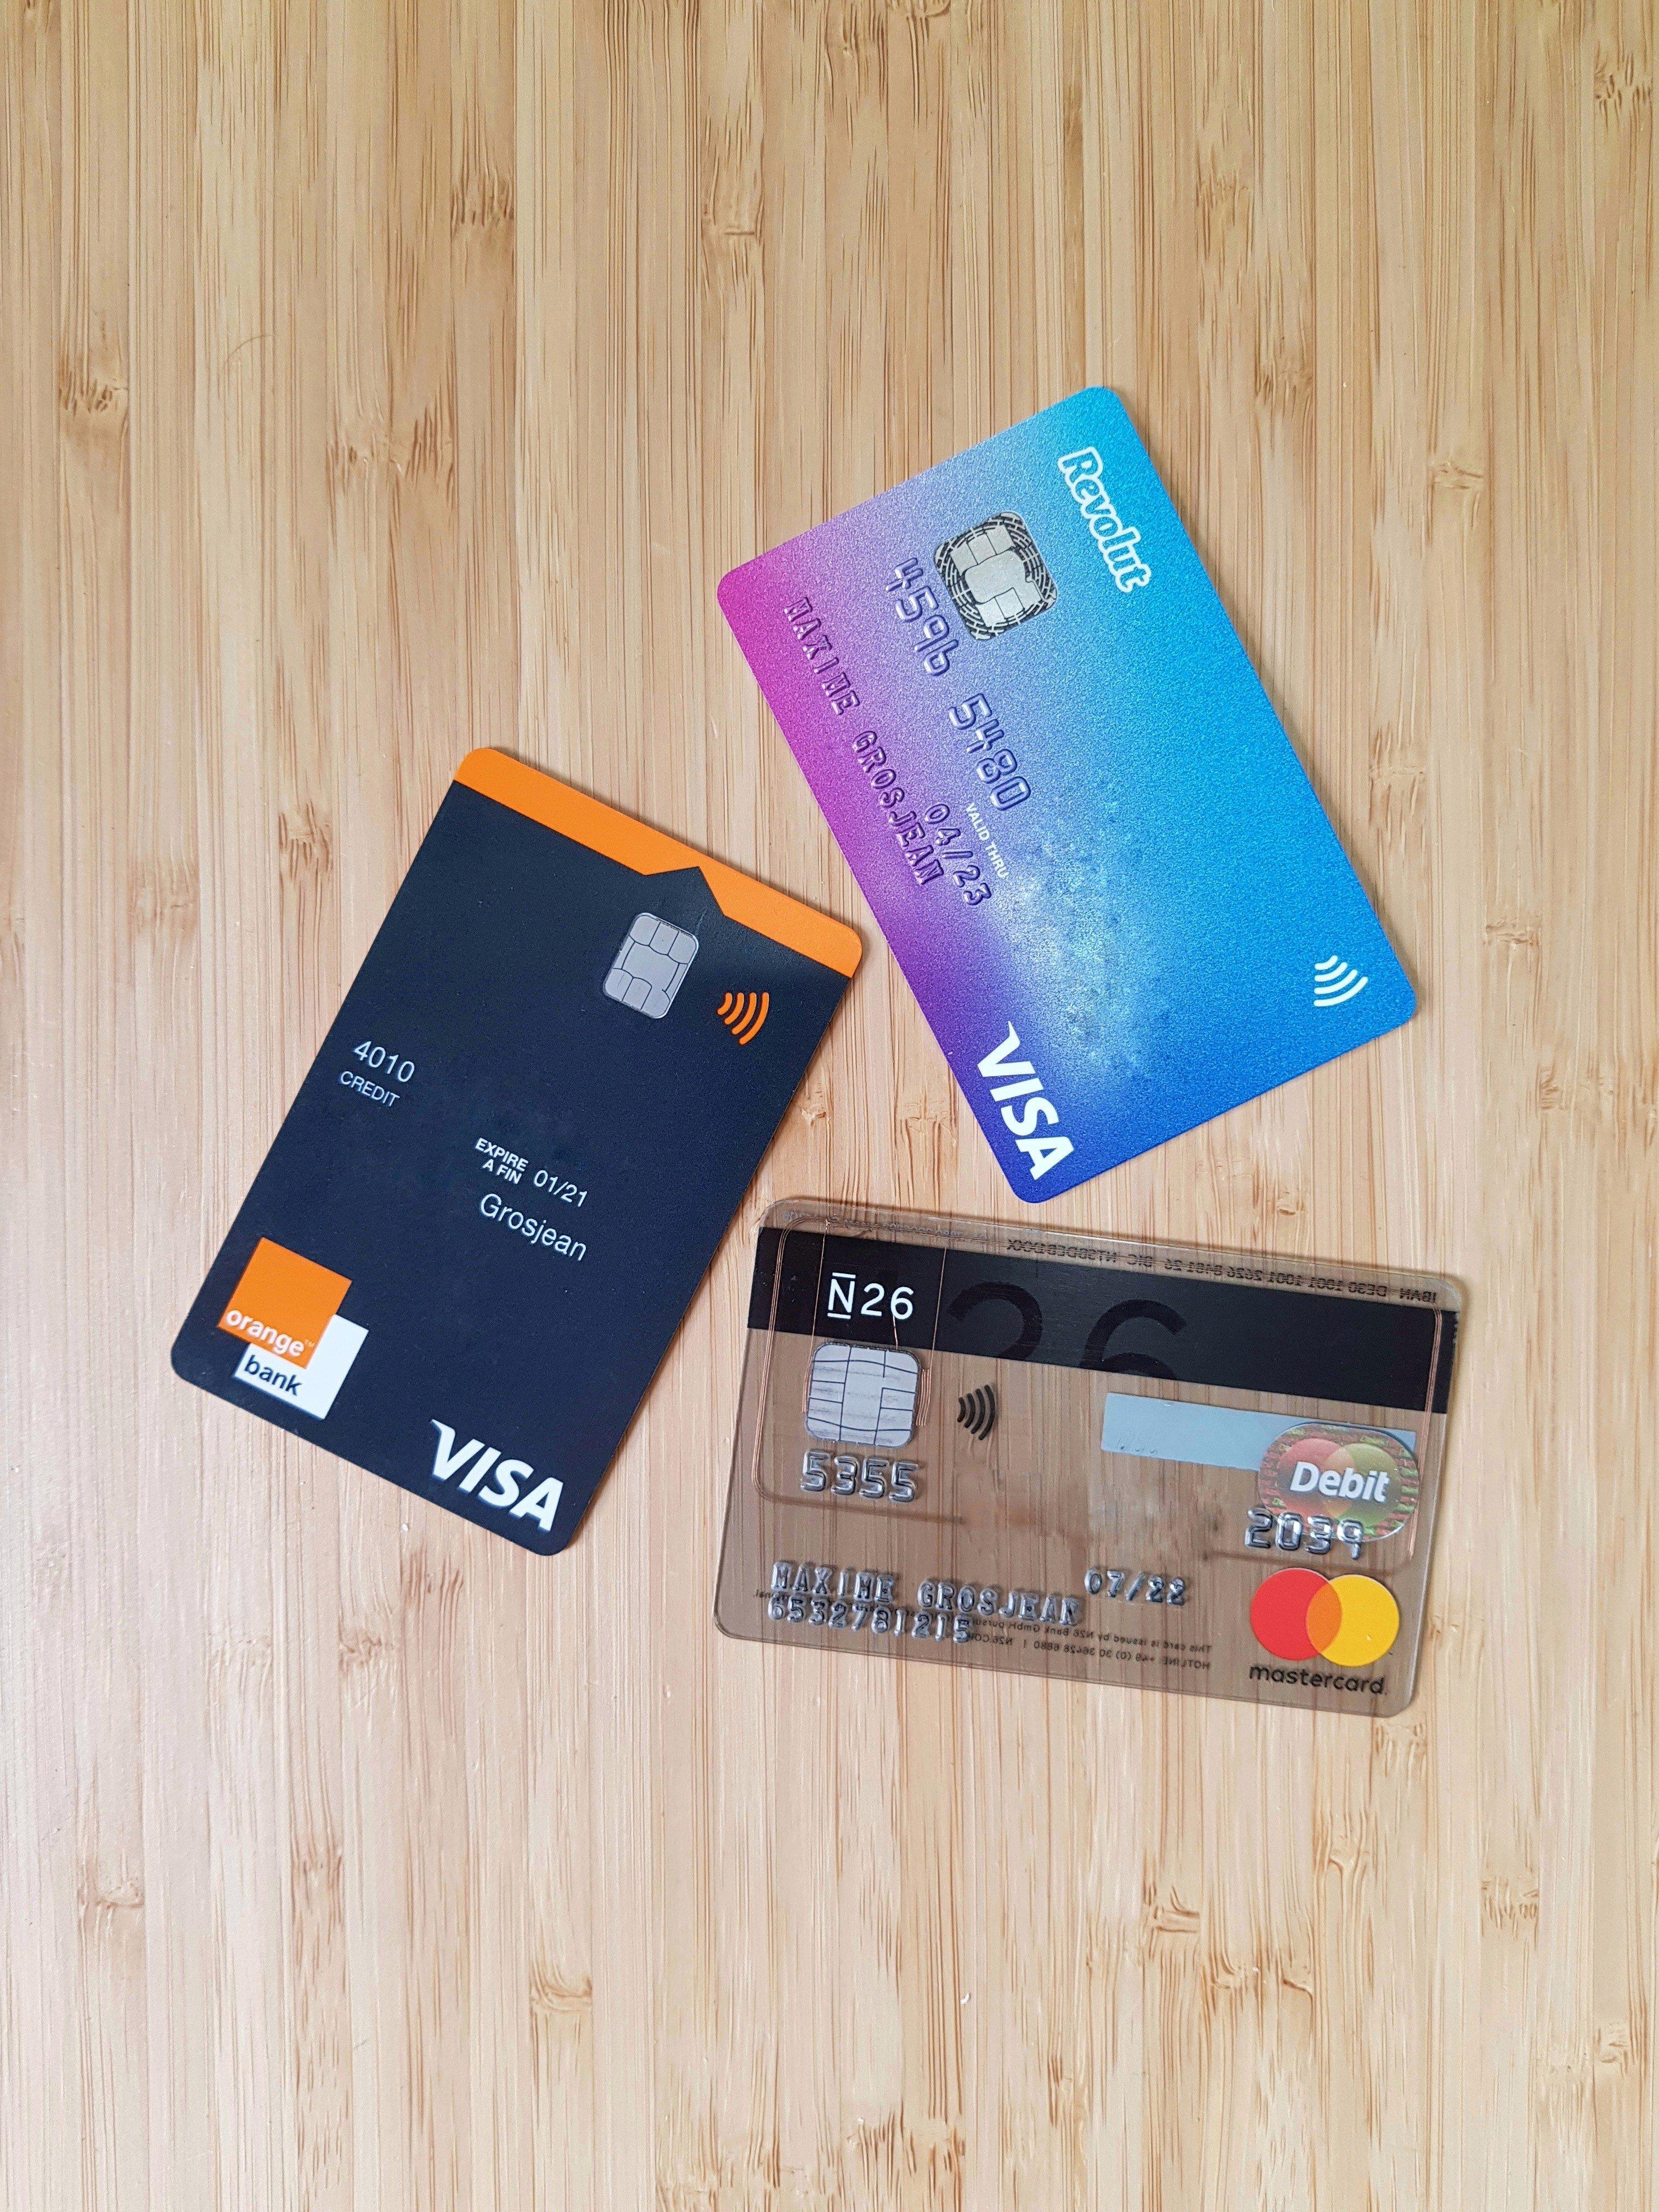 Carte Bancaire Groupama.Orange Bank 8 Mois Apres Tout Ce Que Vous Devez Savoir